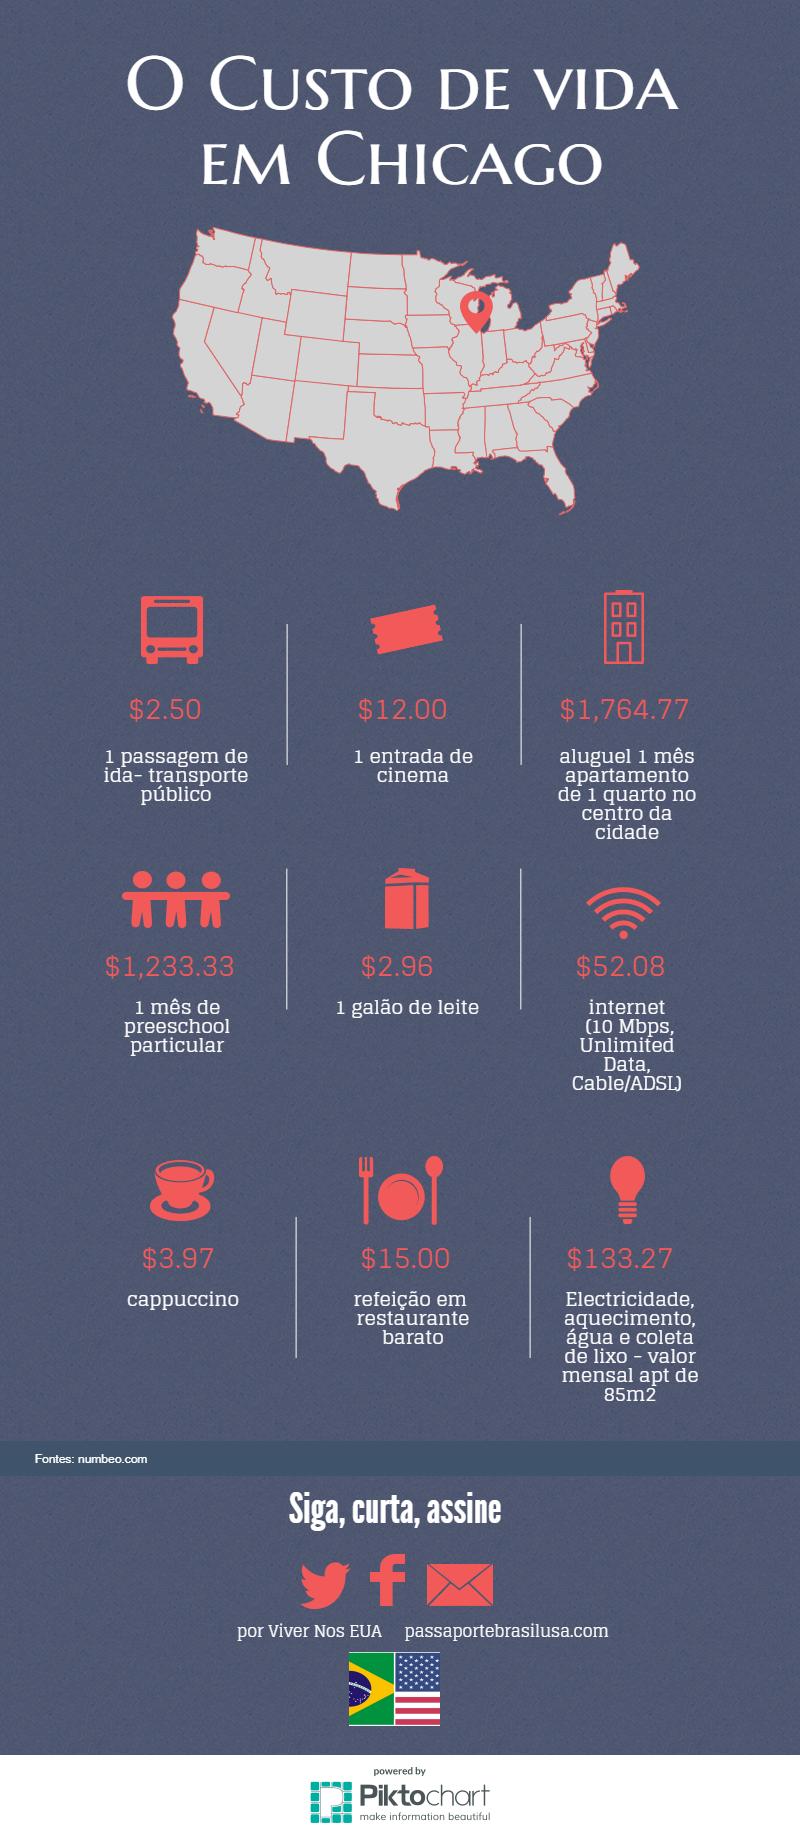 o custo de vida em chicago